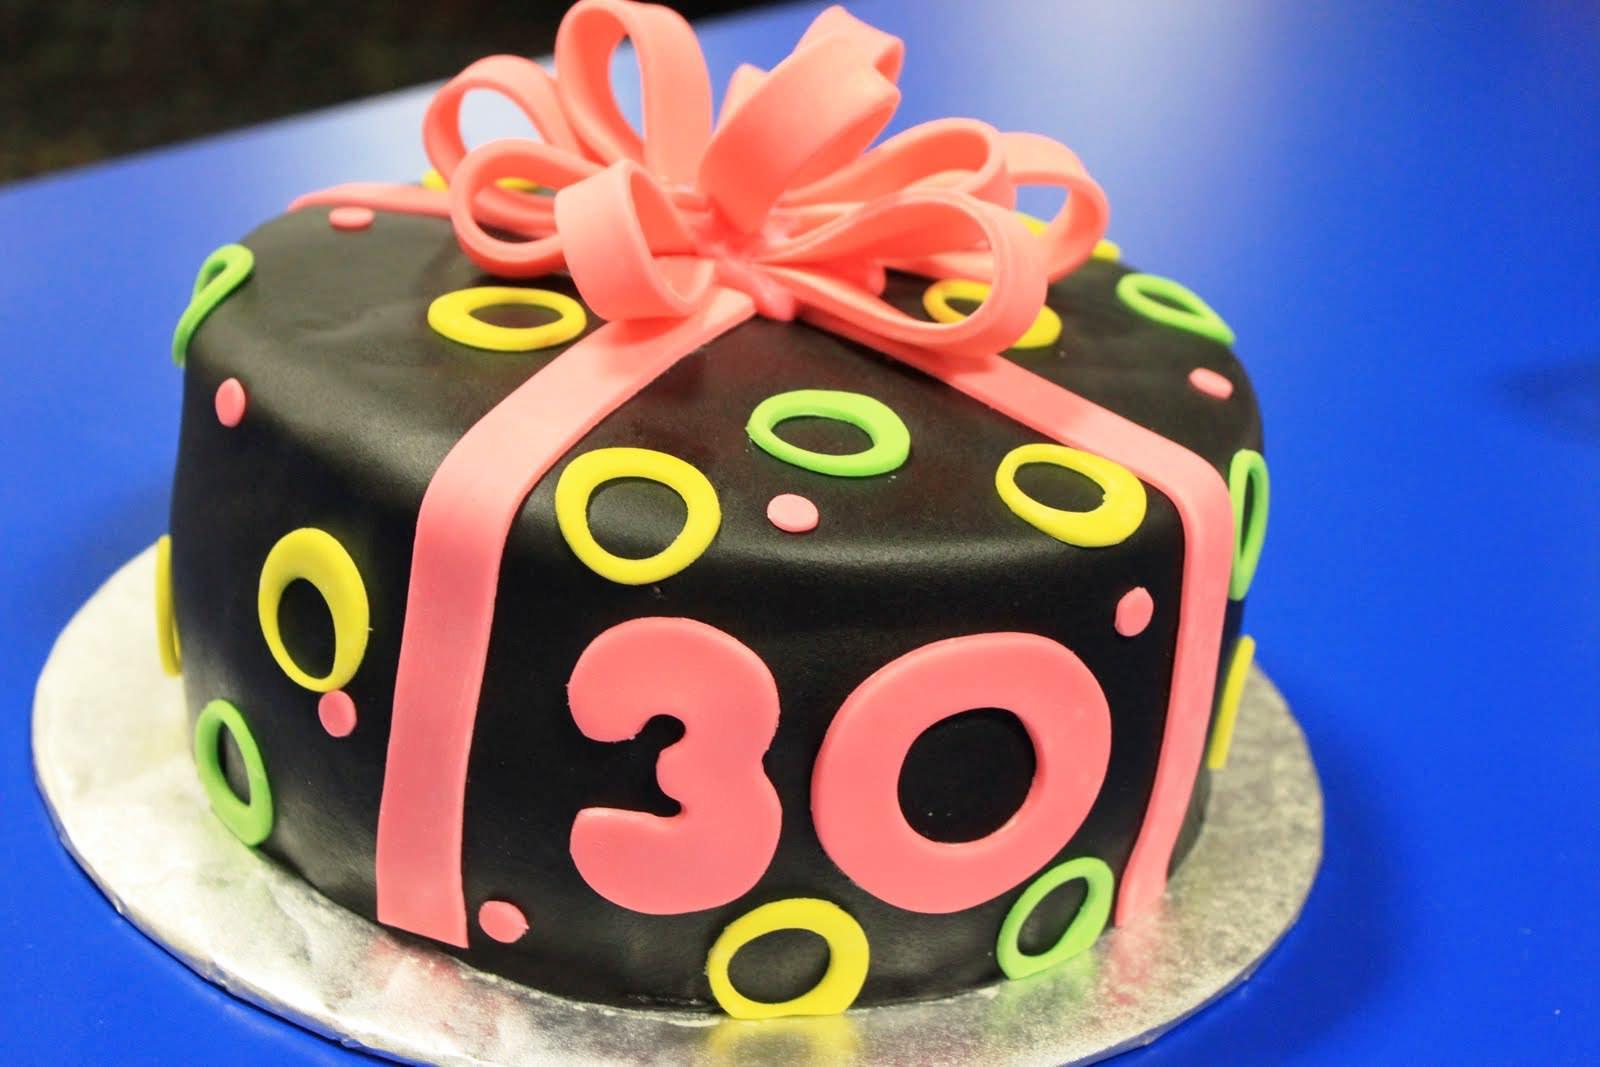 Marvelous 9 Girls Turning 30 Birthday Cakes Photo Dirty 30 Birthday Cake Funny Birthday Cards Online Overcheapnameinfo